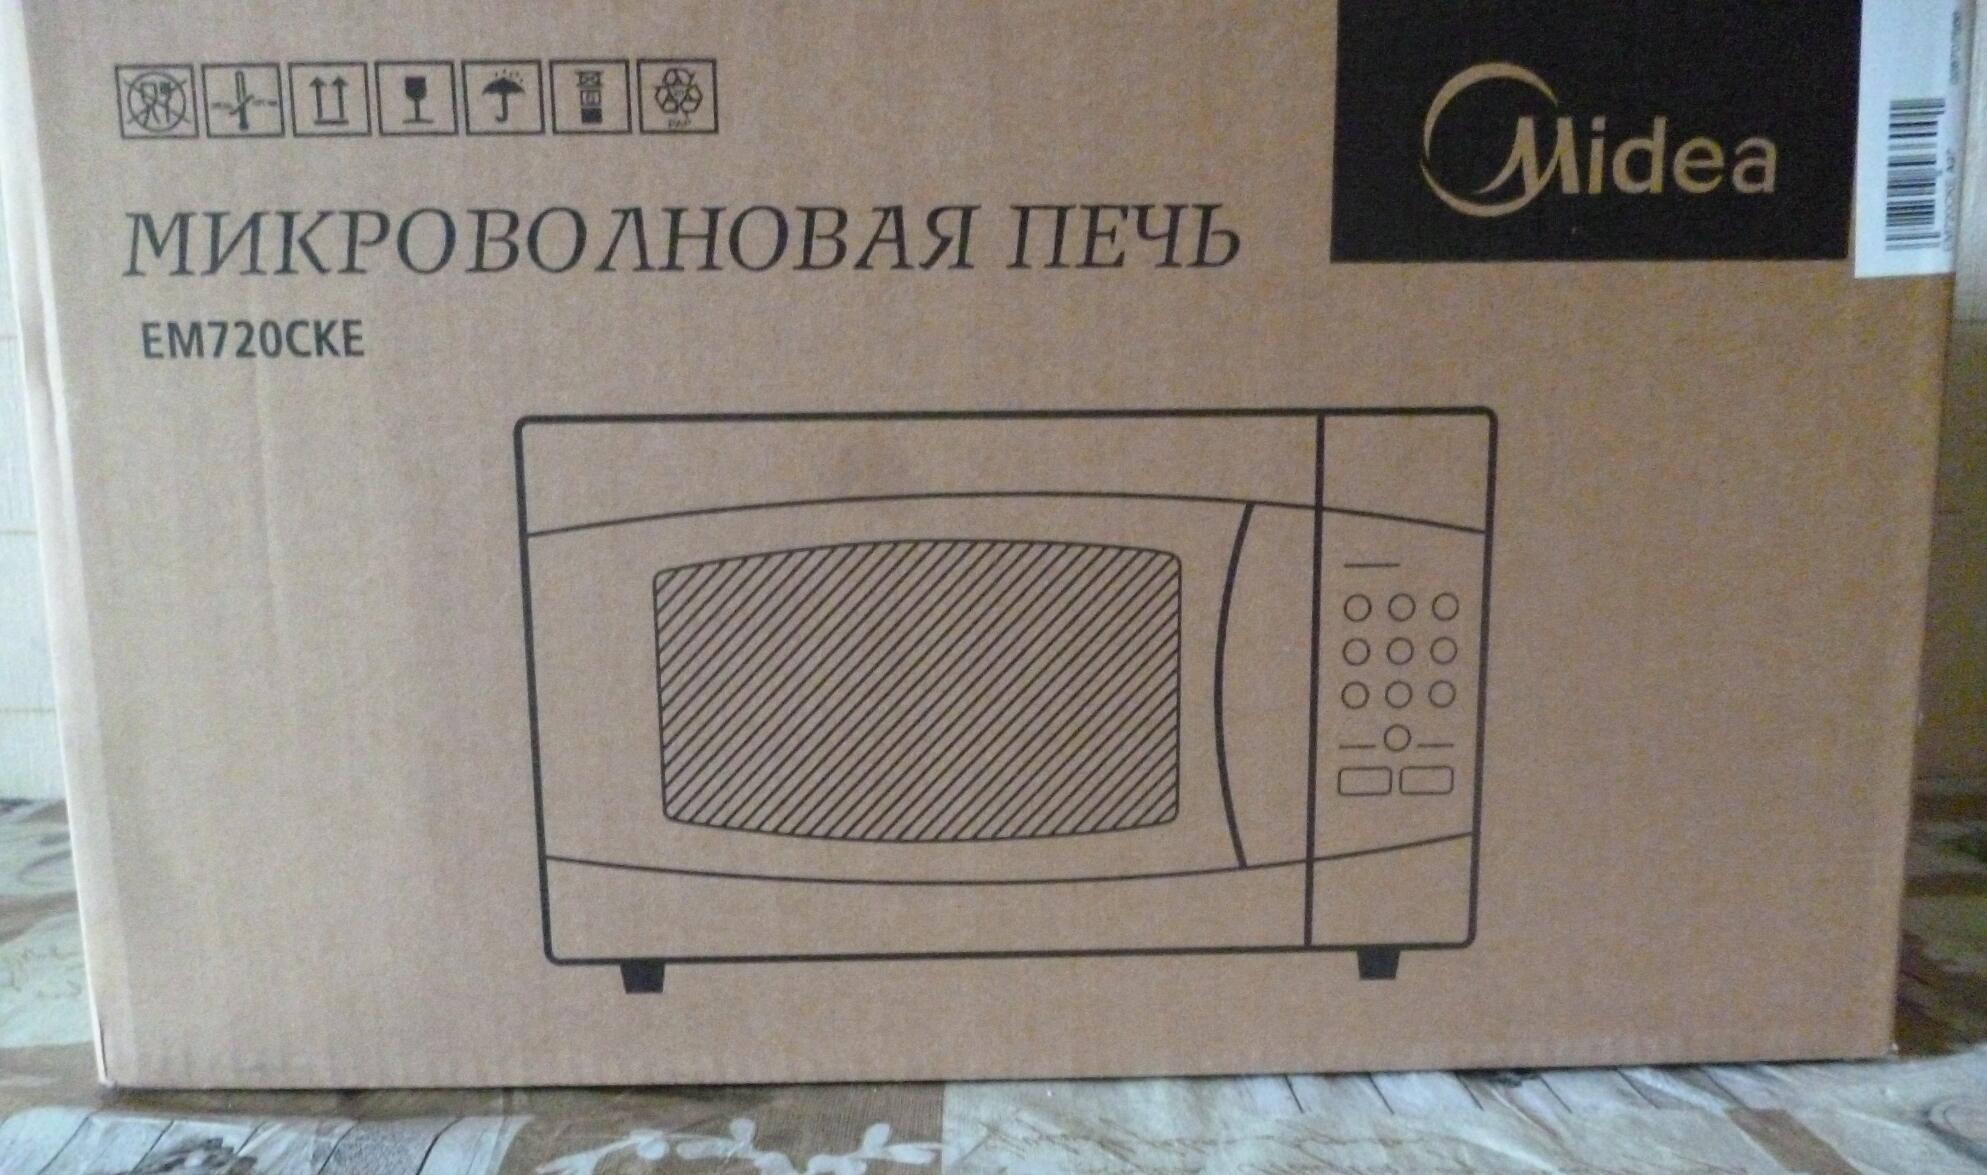 Bytovaya Tehnika - Mikrovolnovaya pech Midea EM720CKE belyy